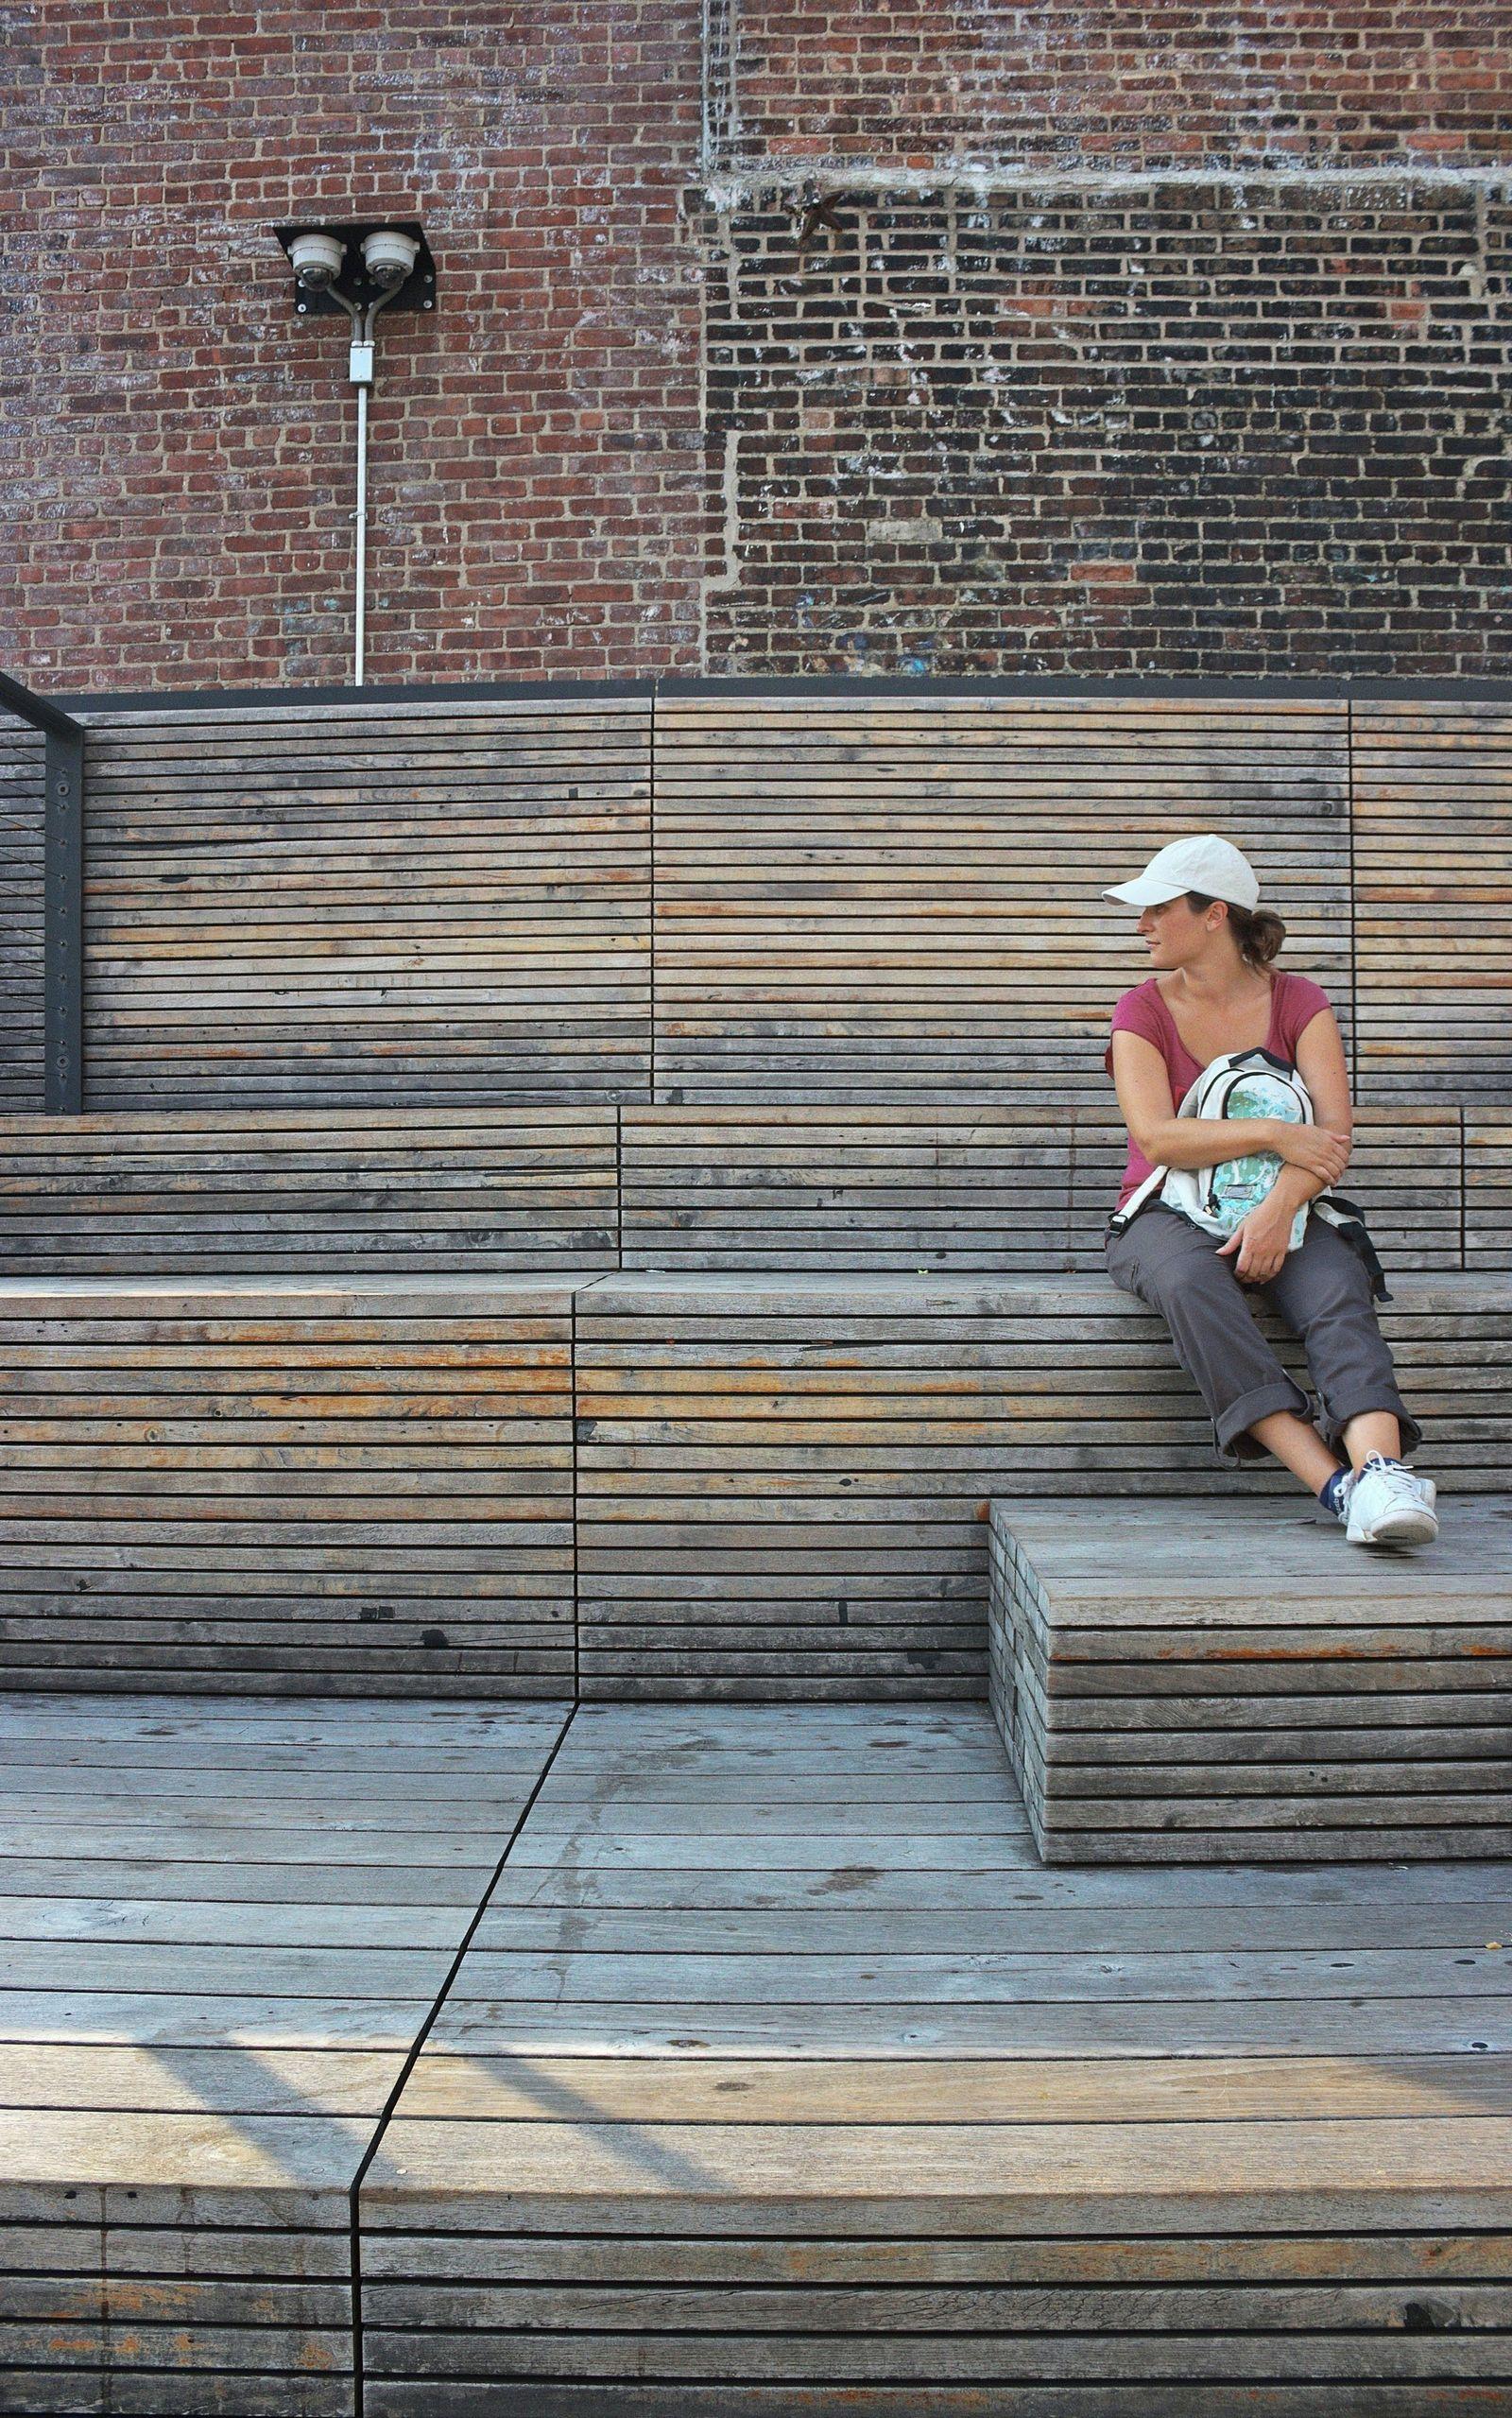 Descansando un rato en High Line...